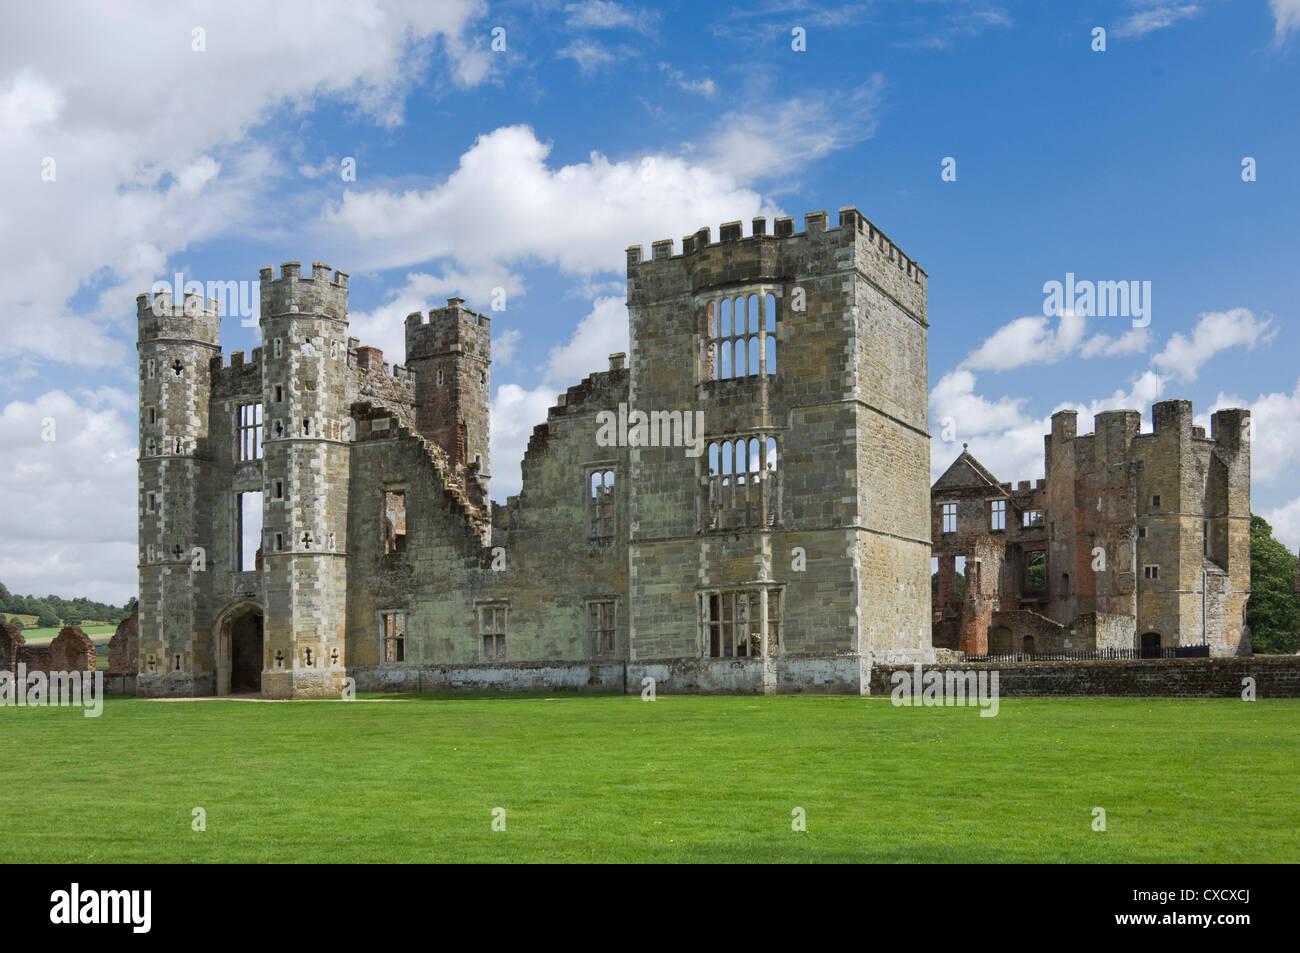 Cowdray Schloss aus dem 16. Jahrhundert, Midhurst, West Sussex, England, Vereinigtes Königreich, Europa Stockbild